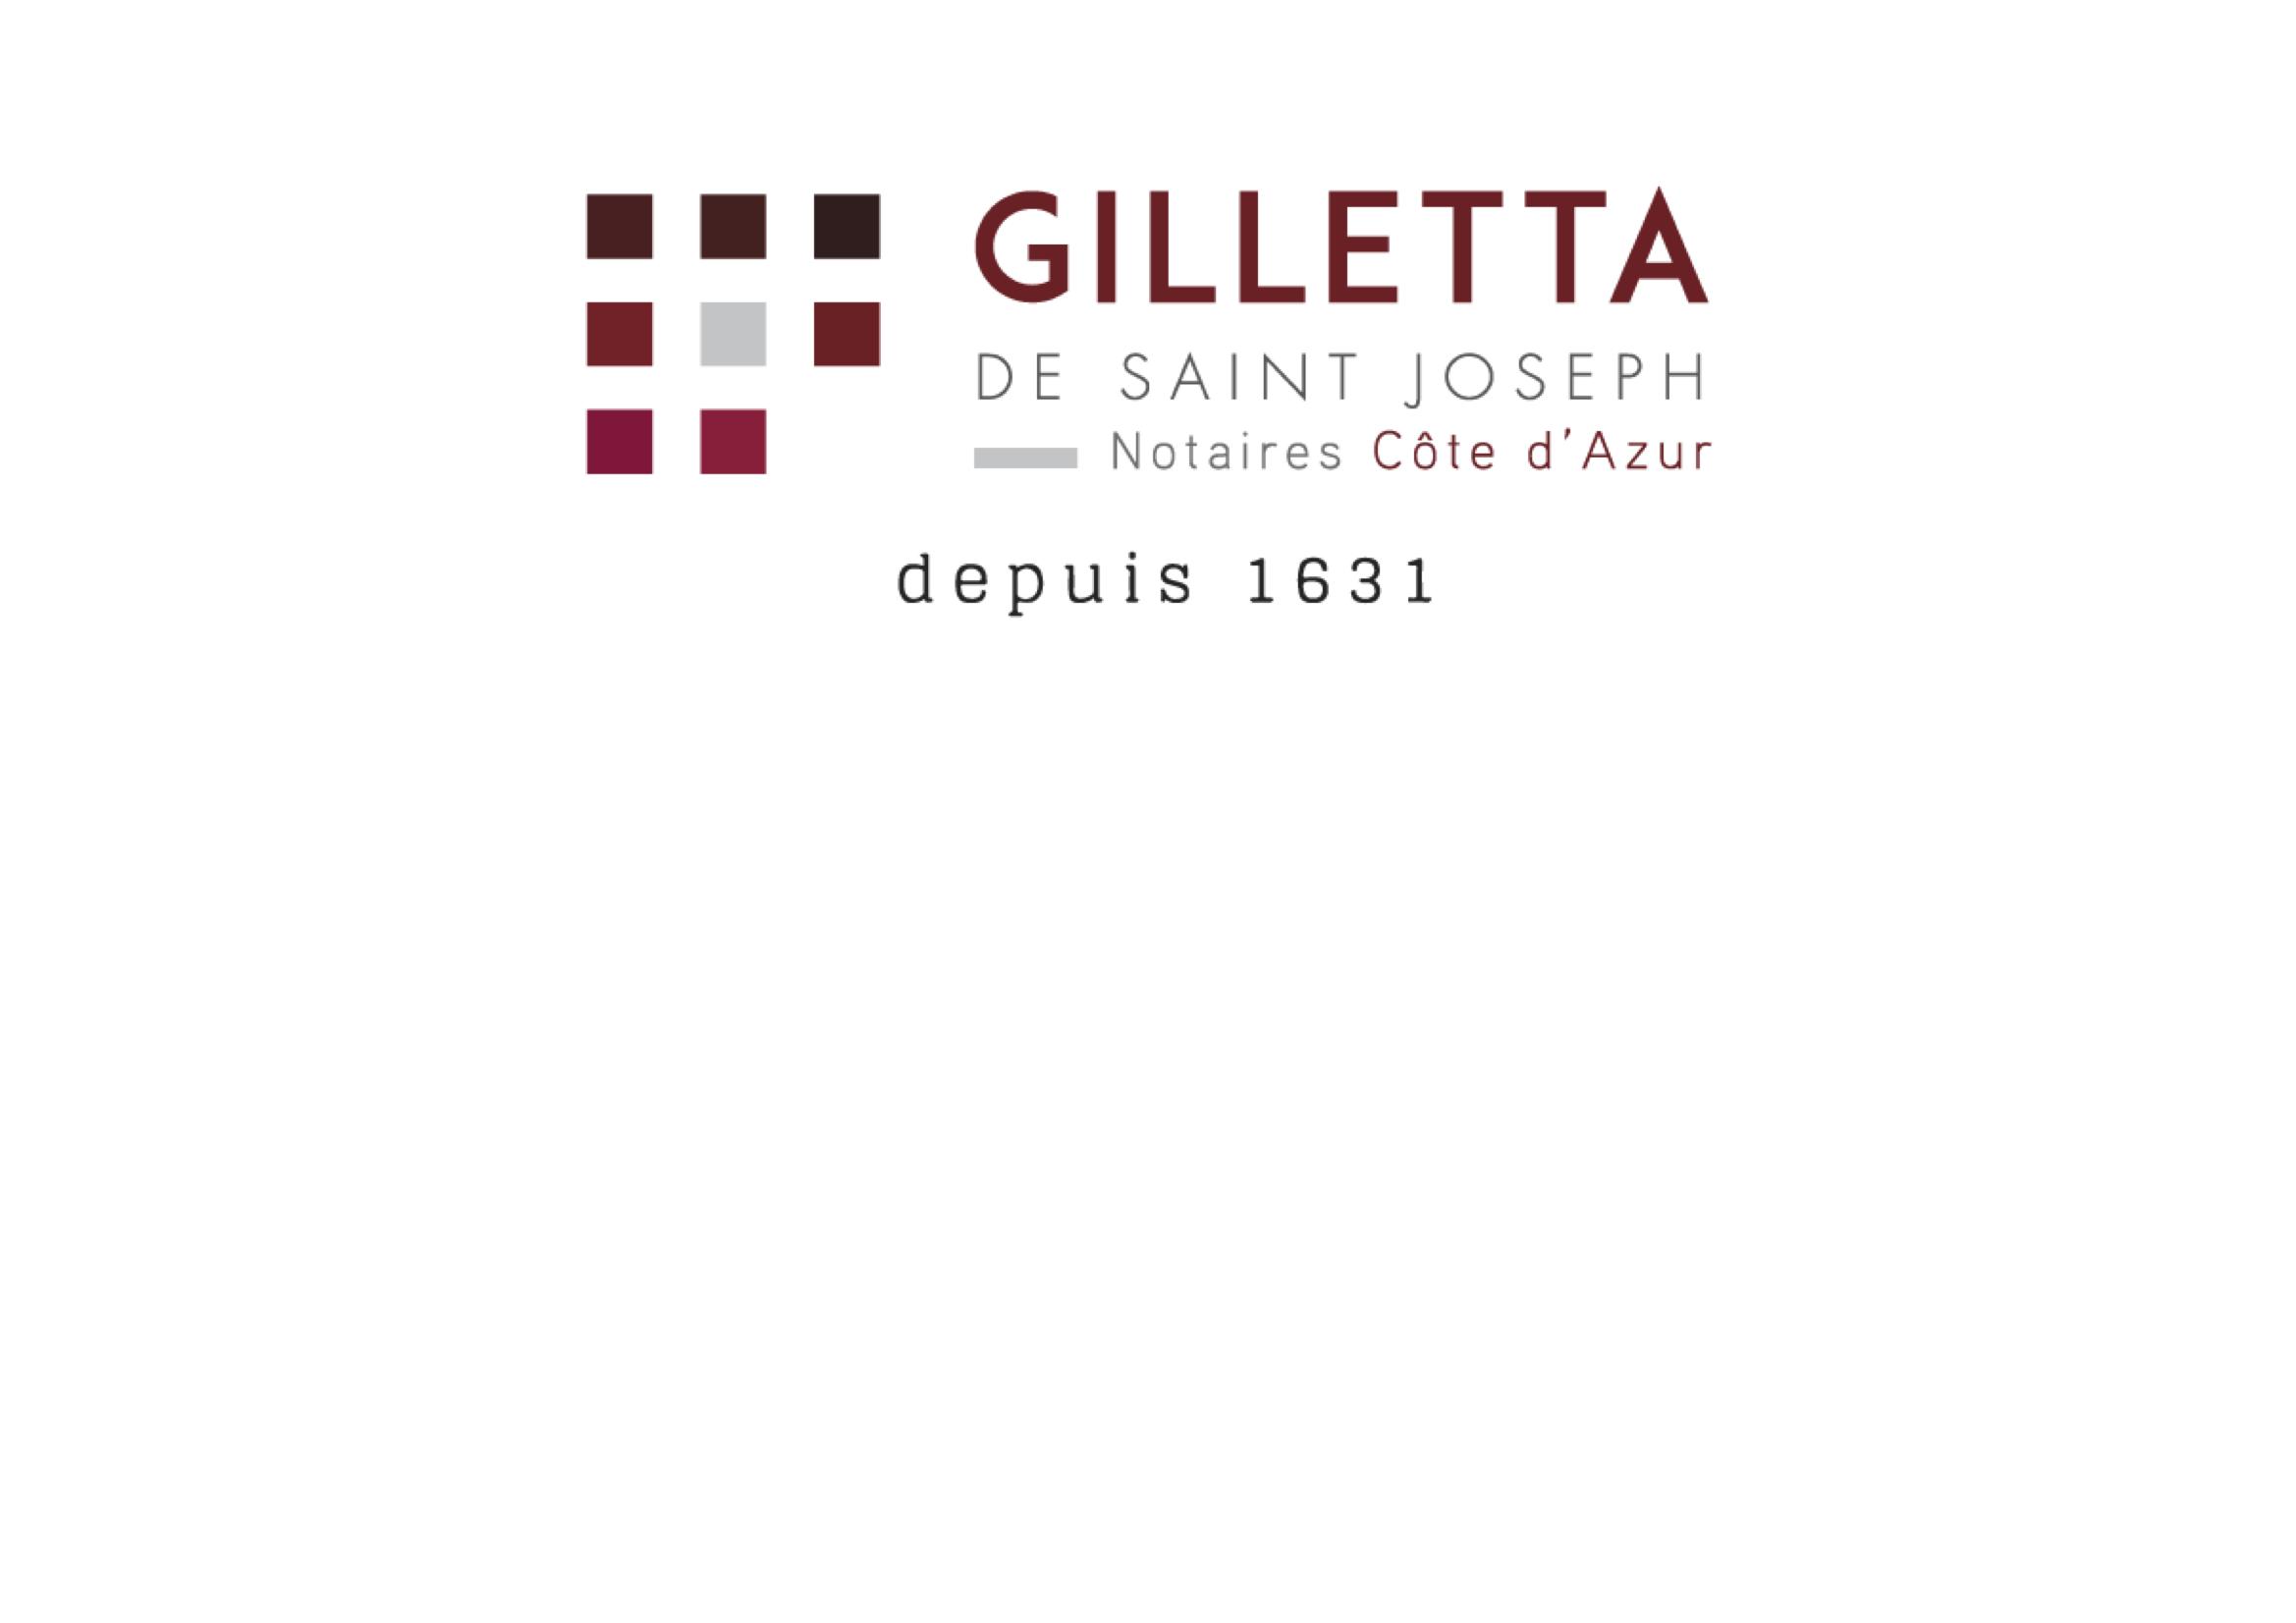 logo gilletta notaire nice notaires 06